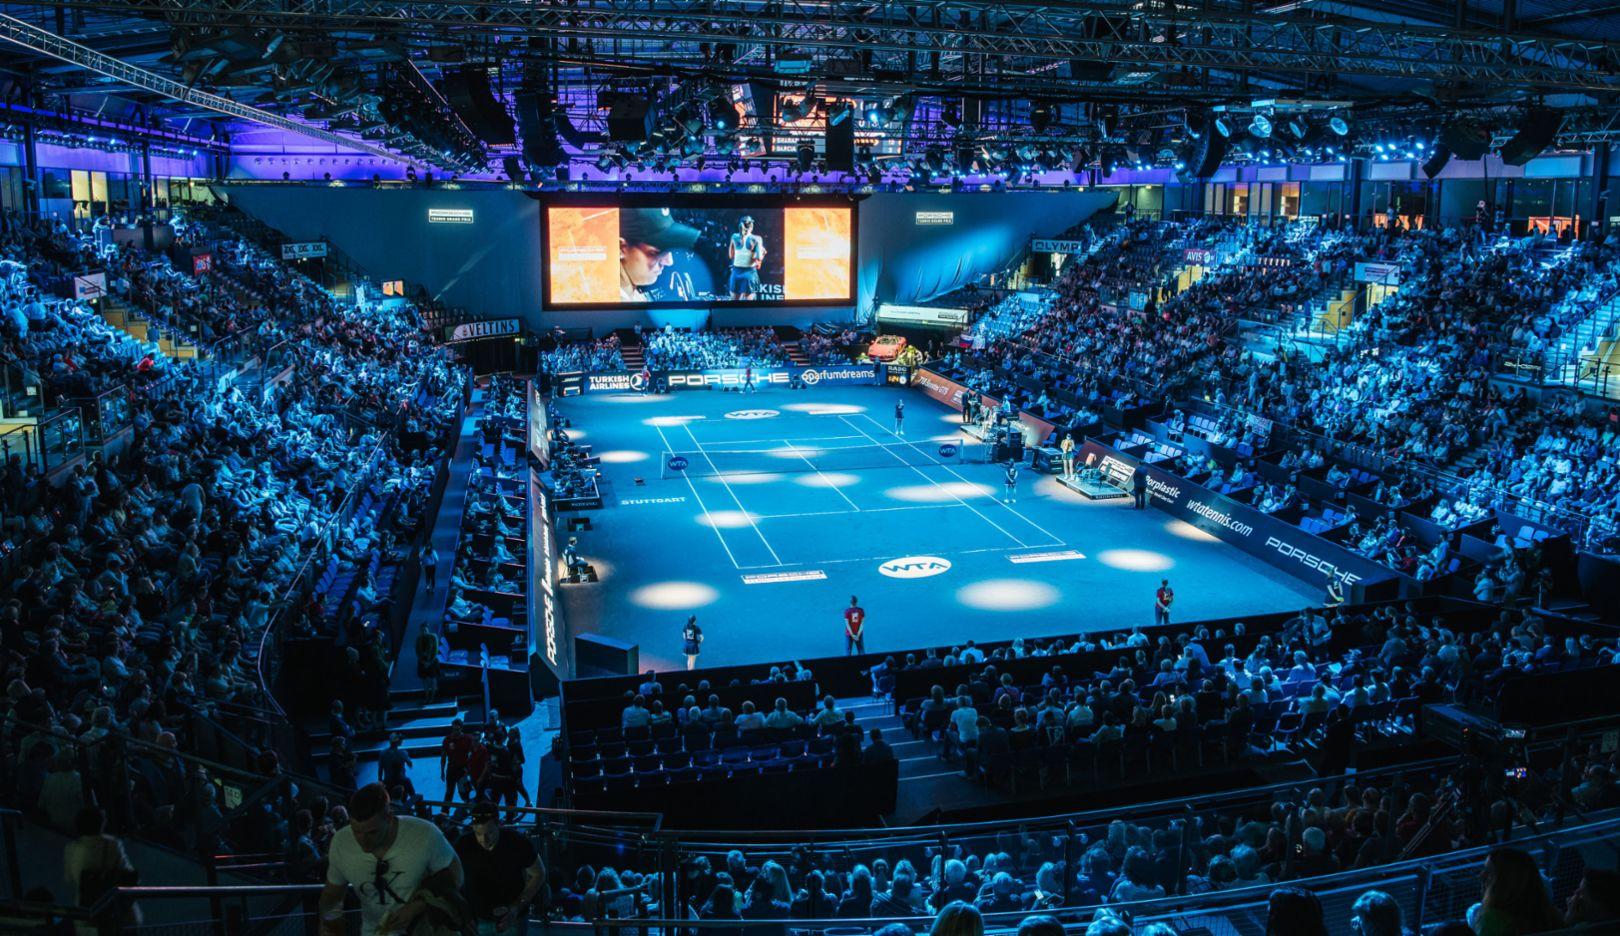 """""""The world's best indoor tournament"""" - Image 2"""